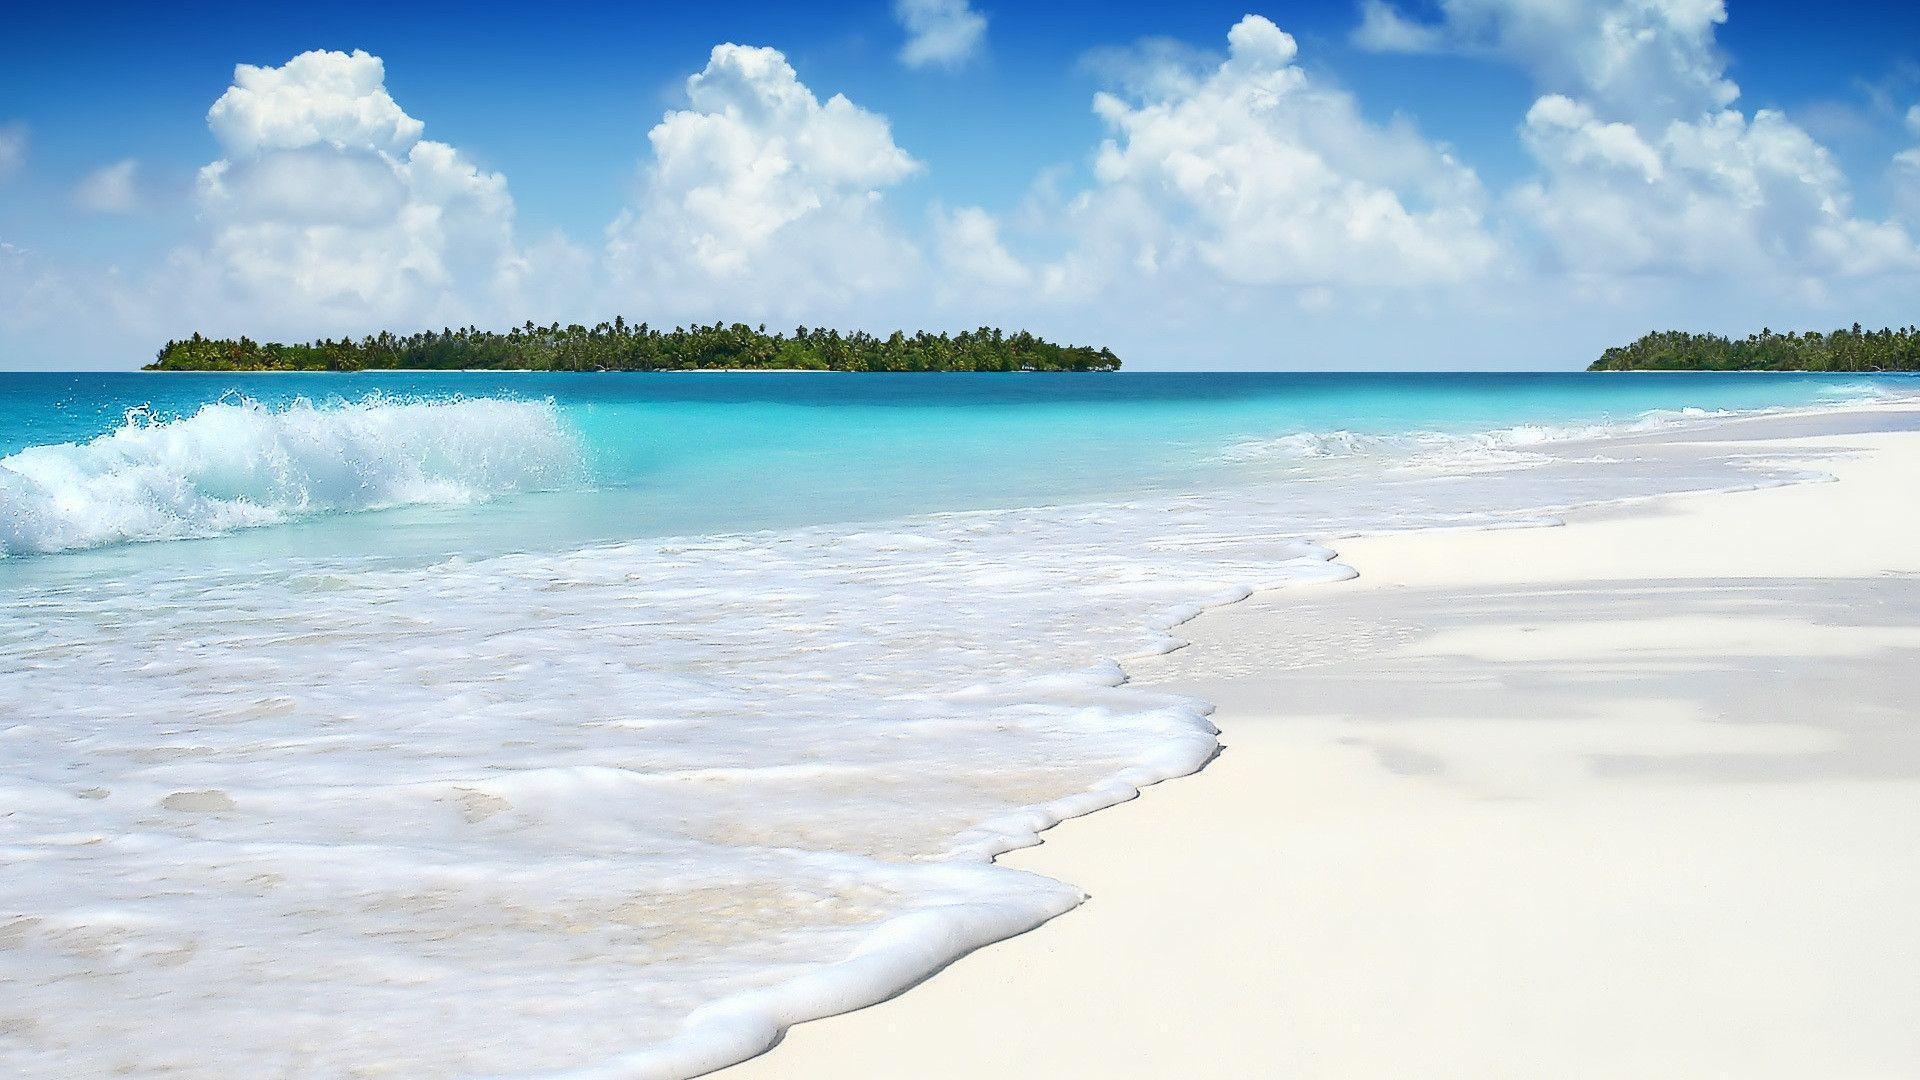 3D Wallpaper Widescreen High Resolution Beach Hd Desktop 10 HD .